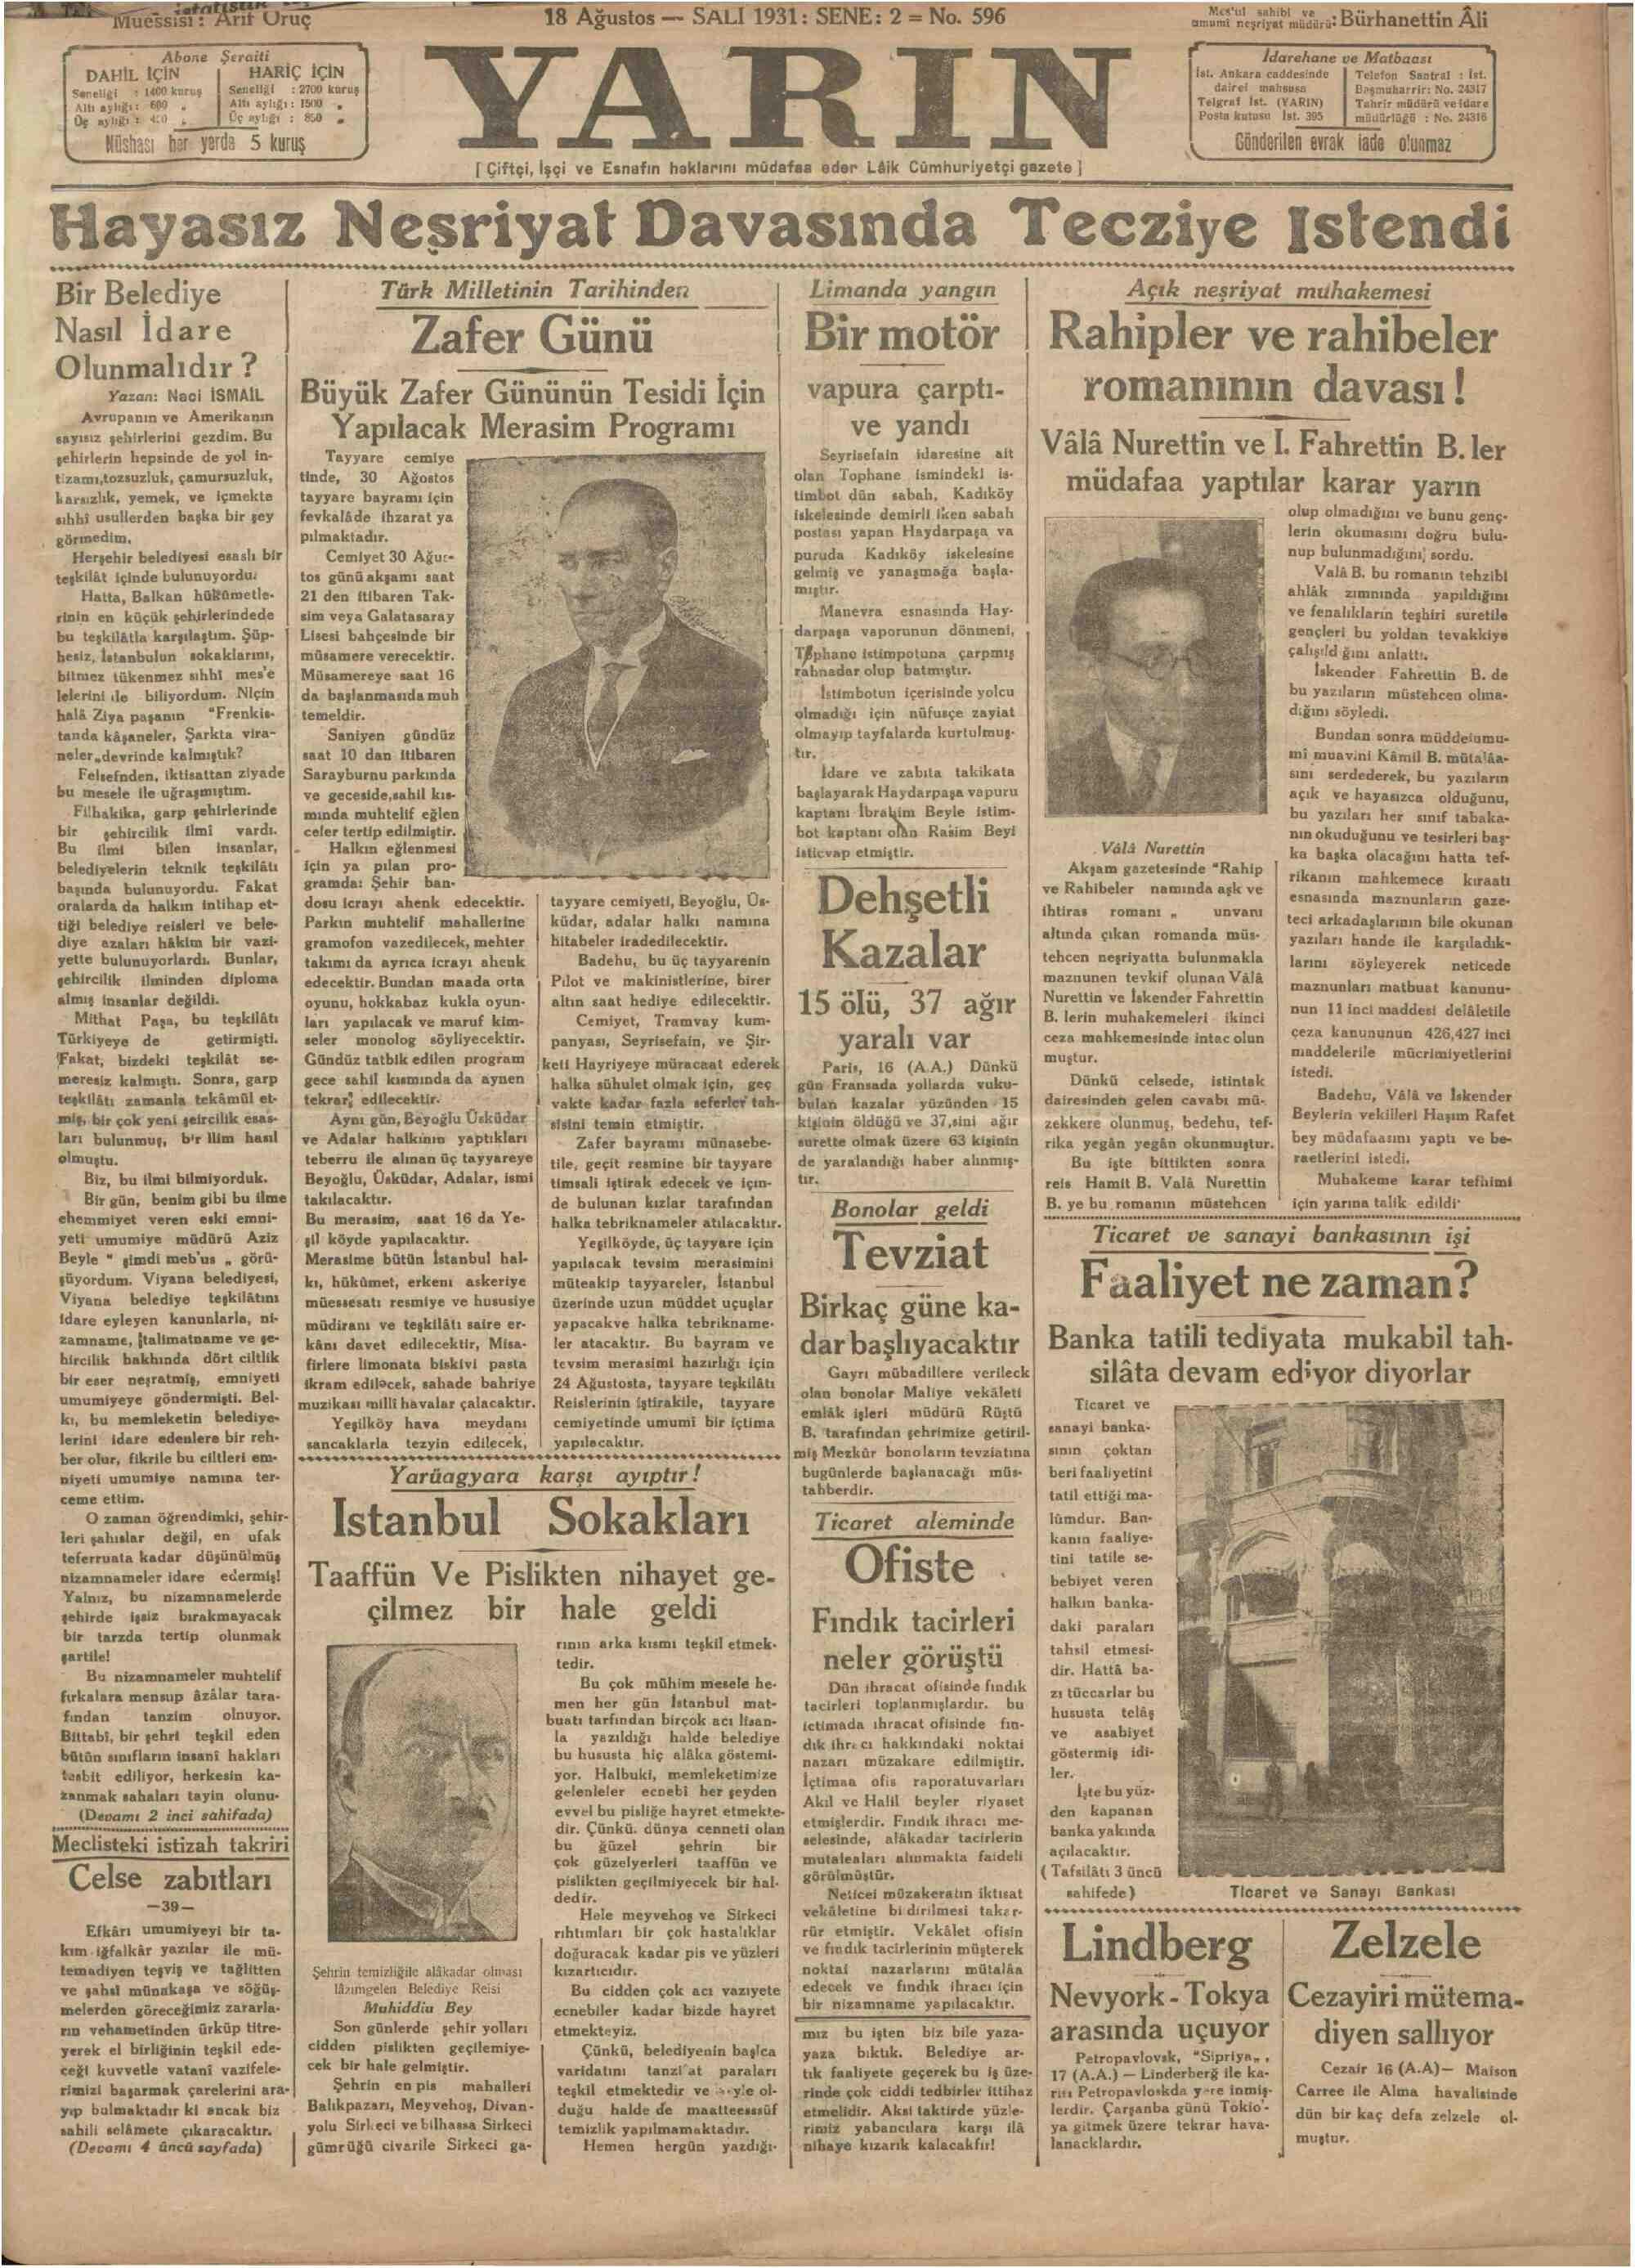 18 Ağustos 1931 Tarihli Yarın Gazetesi Sayfa 1